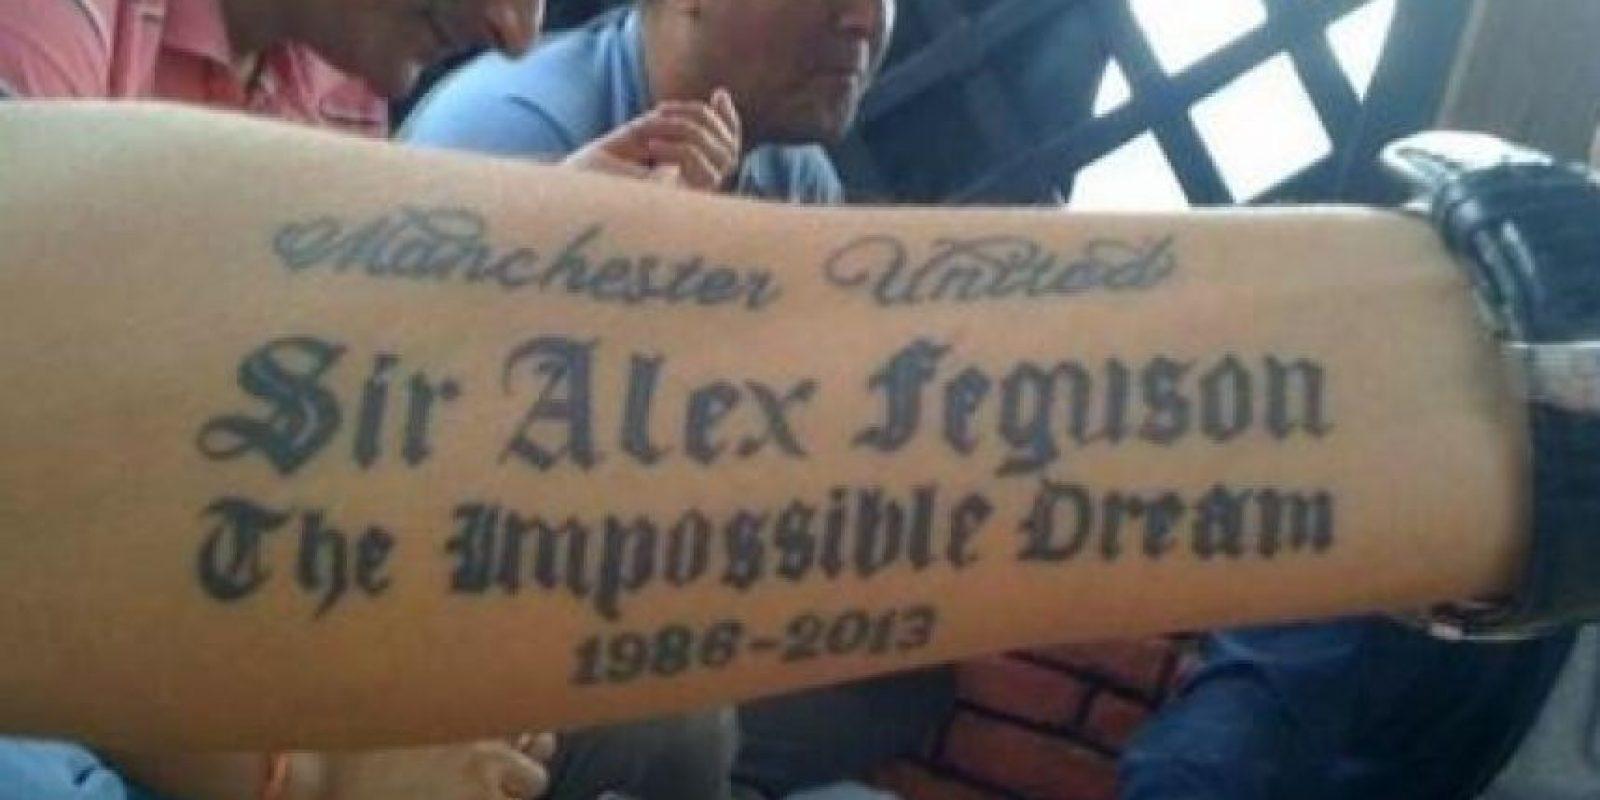 Un tatoo en honor al ex DT del Manchester United, Alex Ferguson Foto:Twitter